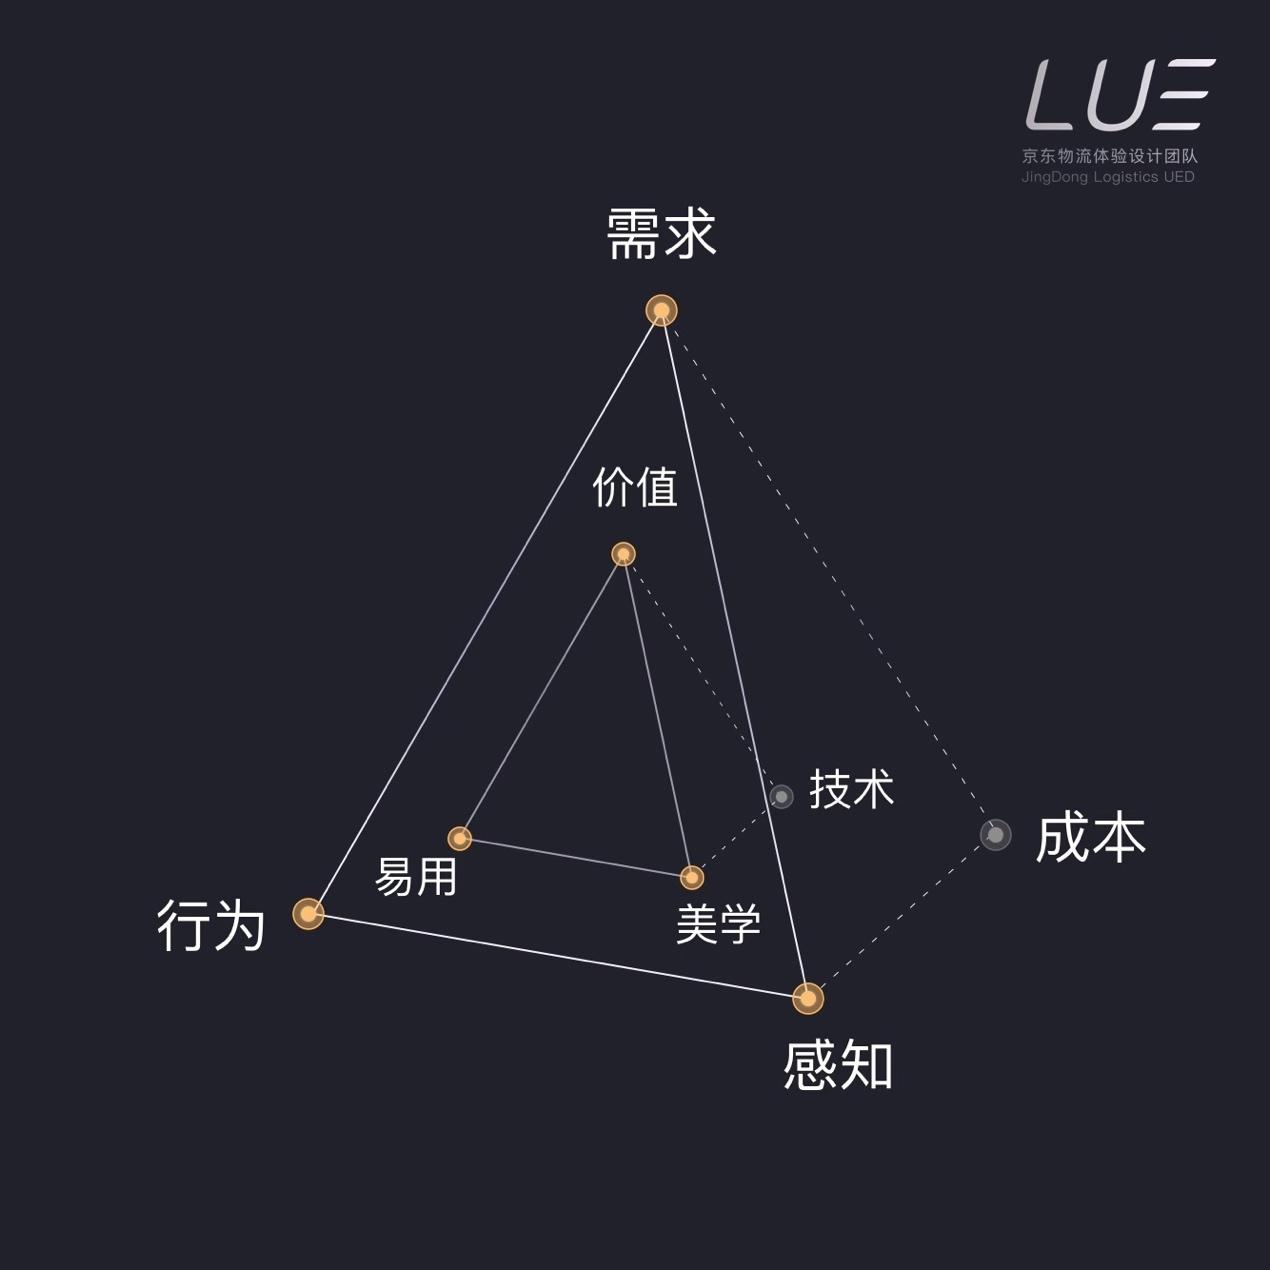 http://www.reviewcode.cn/yunweiguanli/101918.html